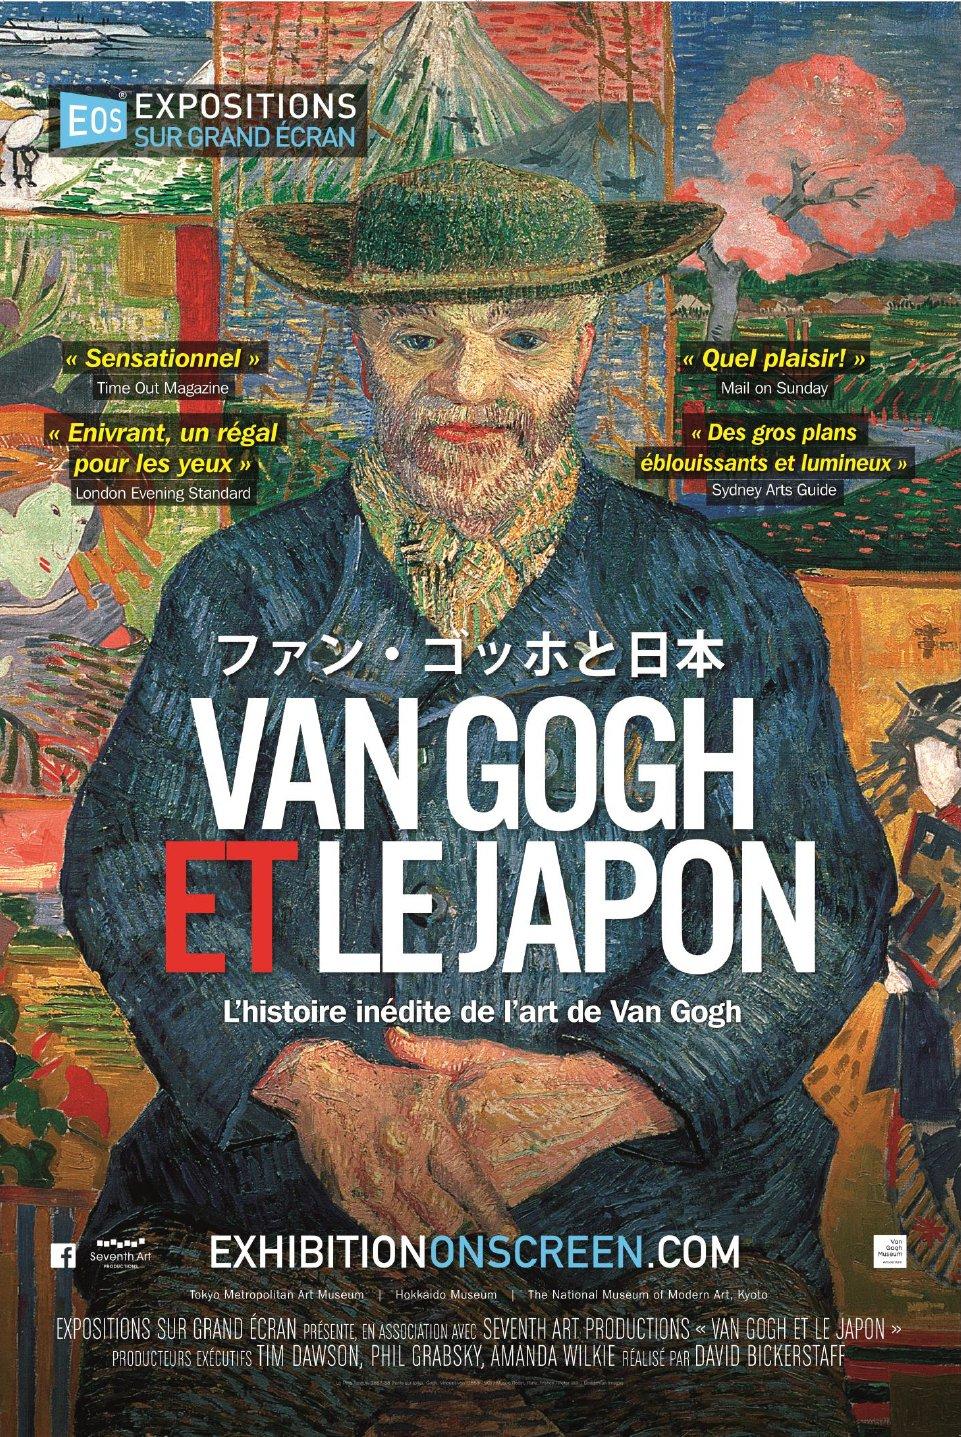 Van Gogh et le Japon de David Bickerstaff affiche film documentaire cinéma